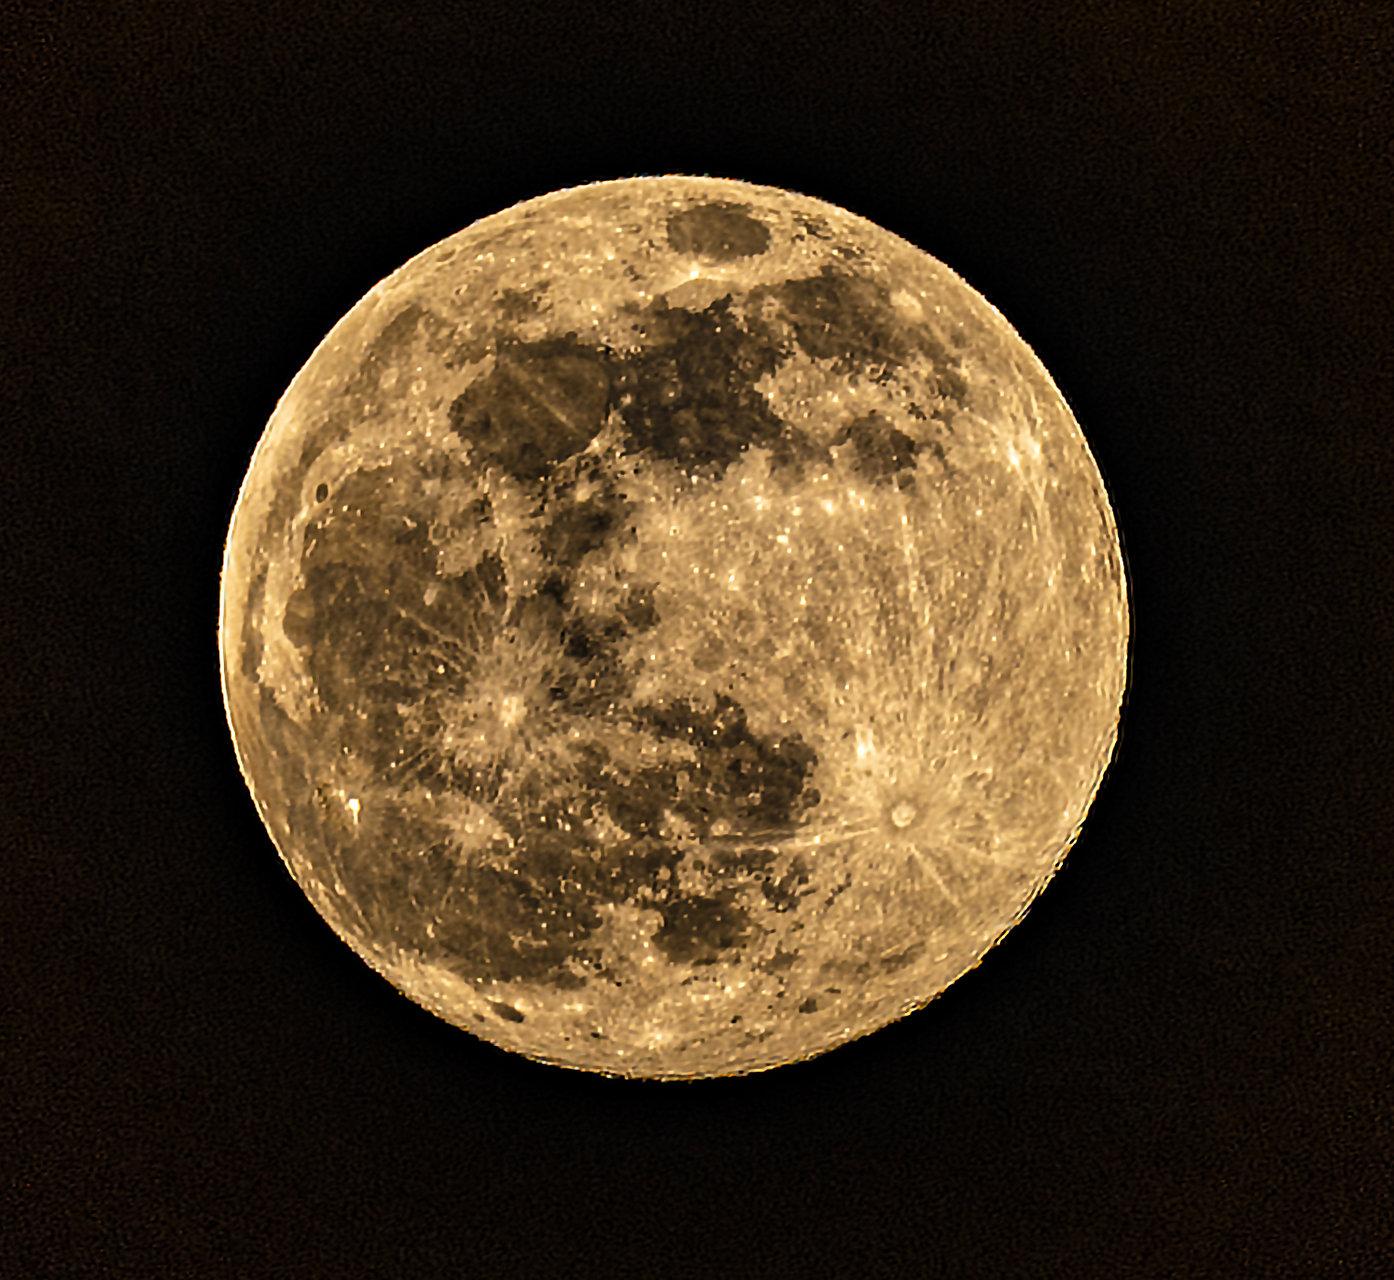 Супер луна 2021 | Author Евгени В - evega | PHOTO FORUM